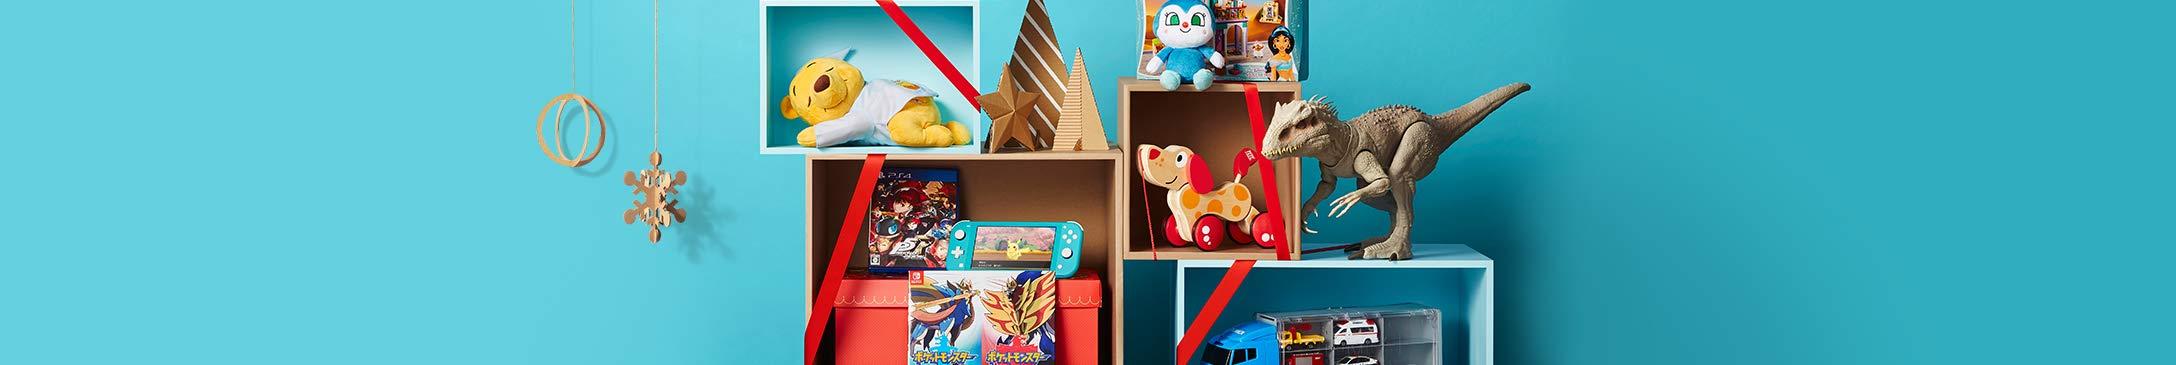 クリスマスギフト ベビー・おもちゃ・ゲーム